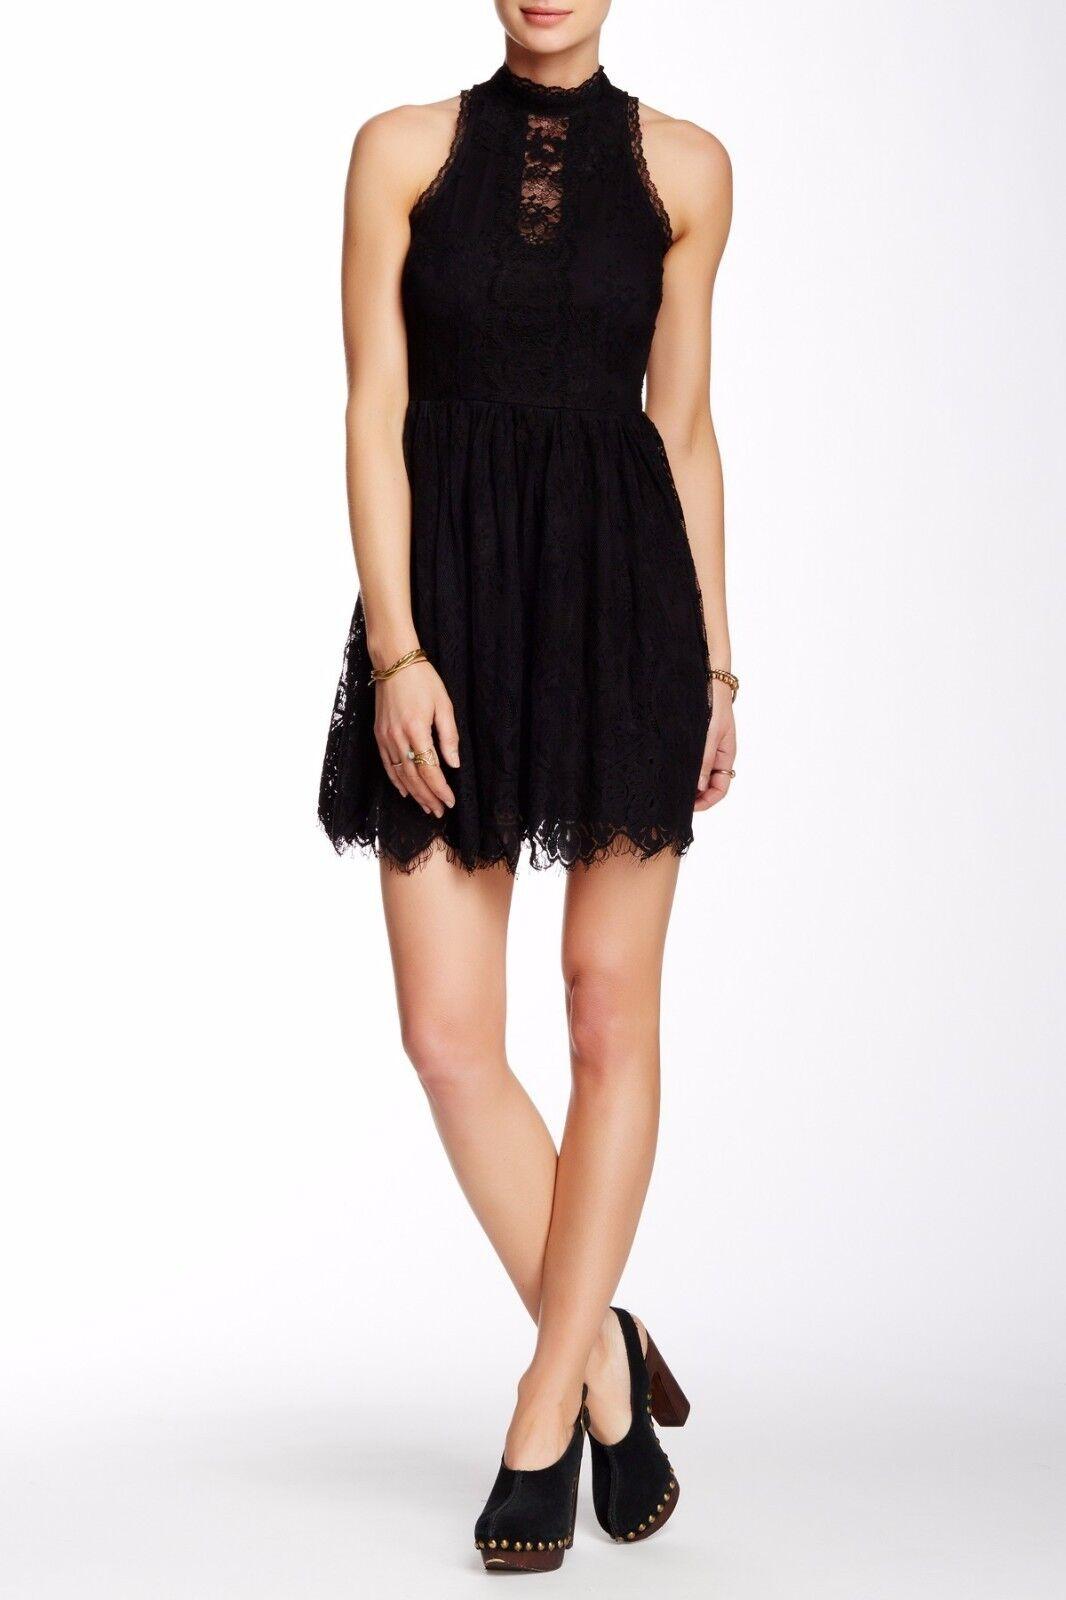 NWT  Free People Woherren Lace Verushka Mini Dress schwarz [SZ 0]